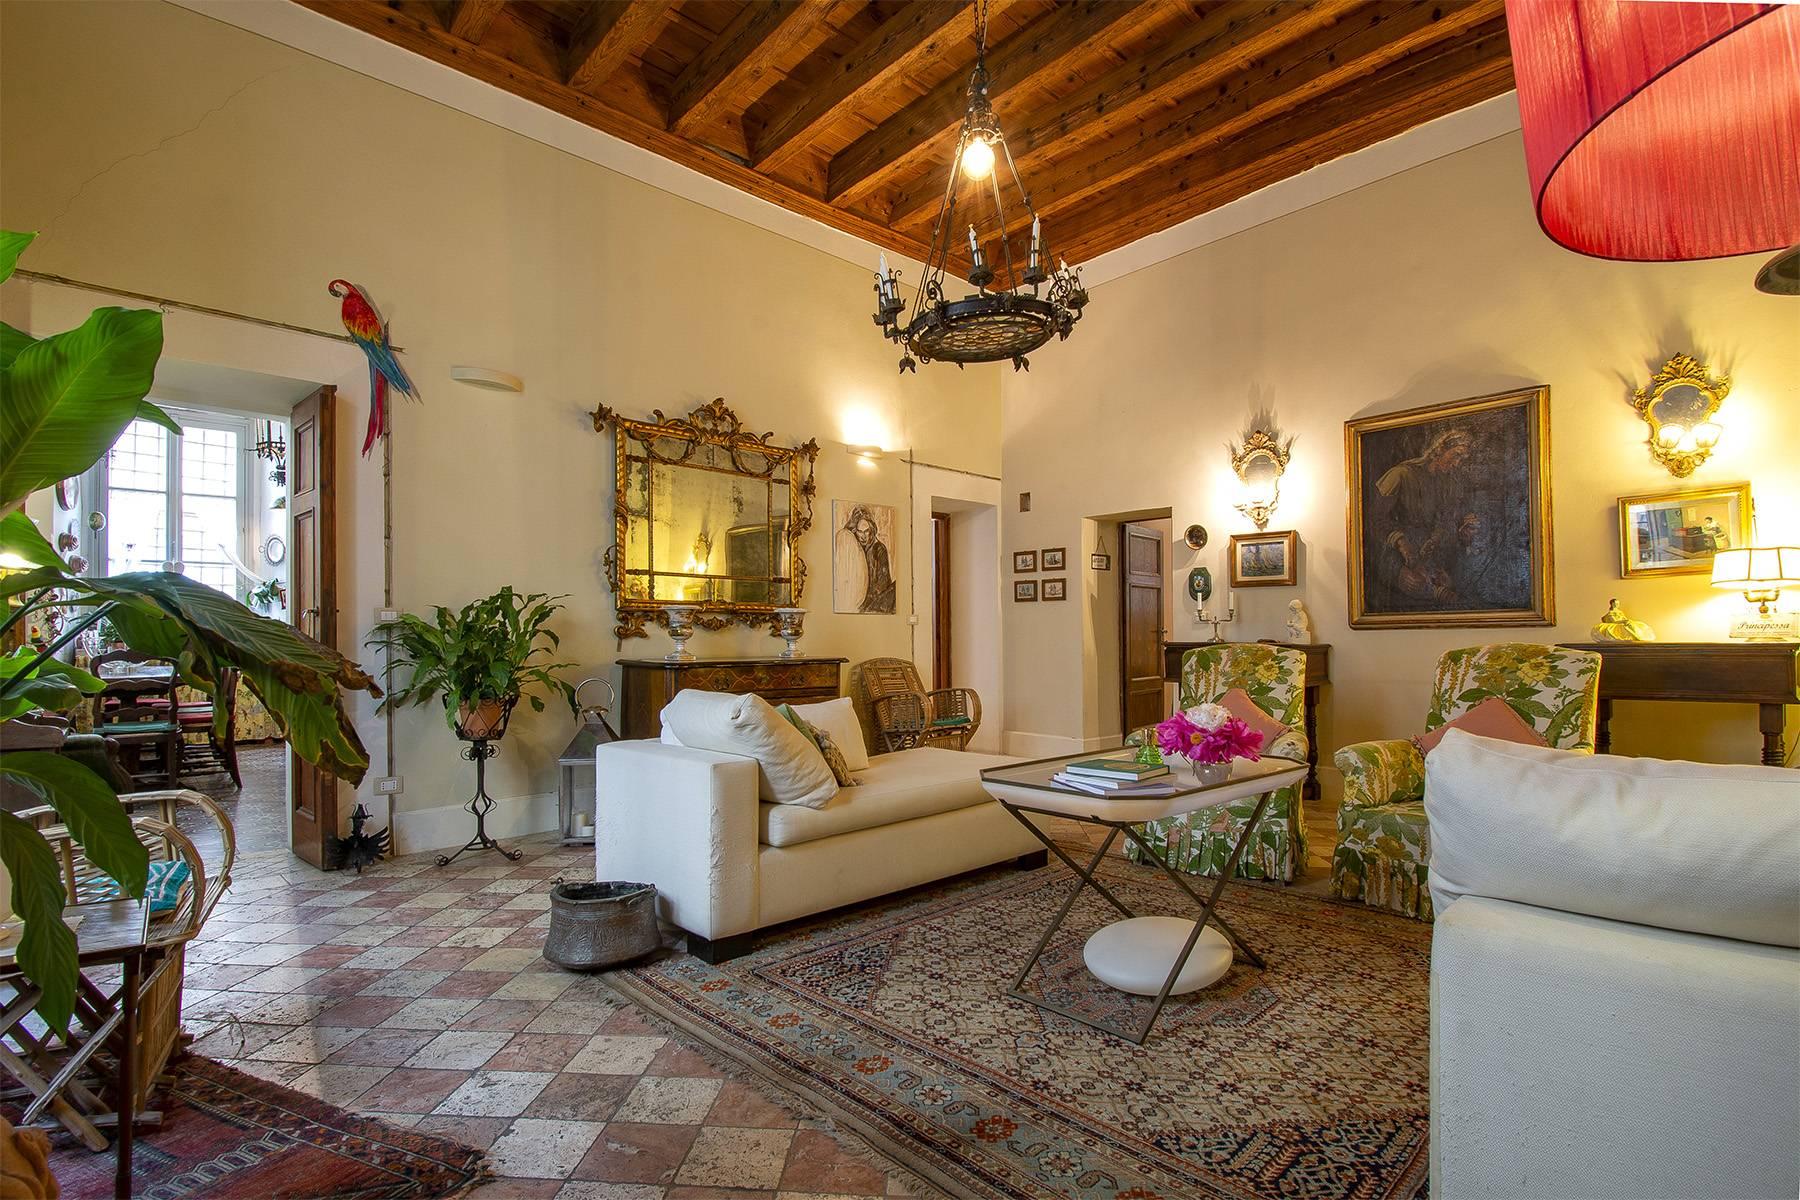 Appartamento in Vendita a Lucca: 5 locali, 180 mq - Foto 2